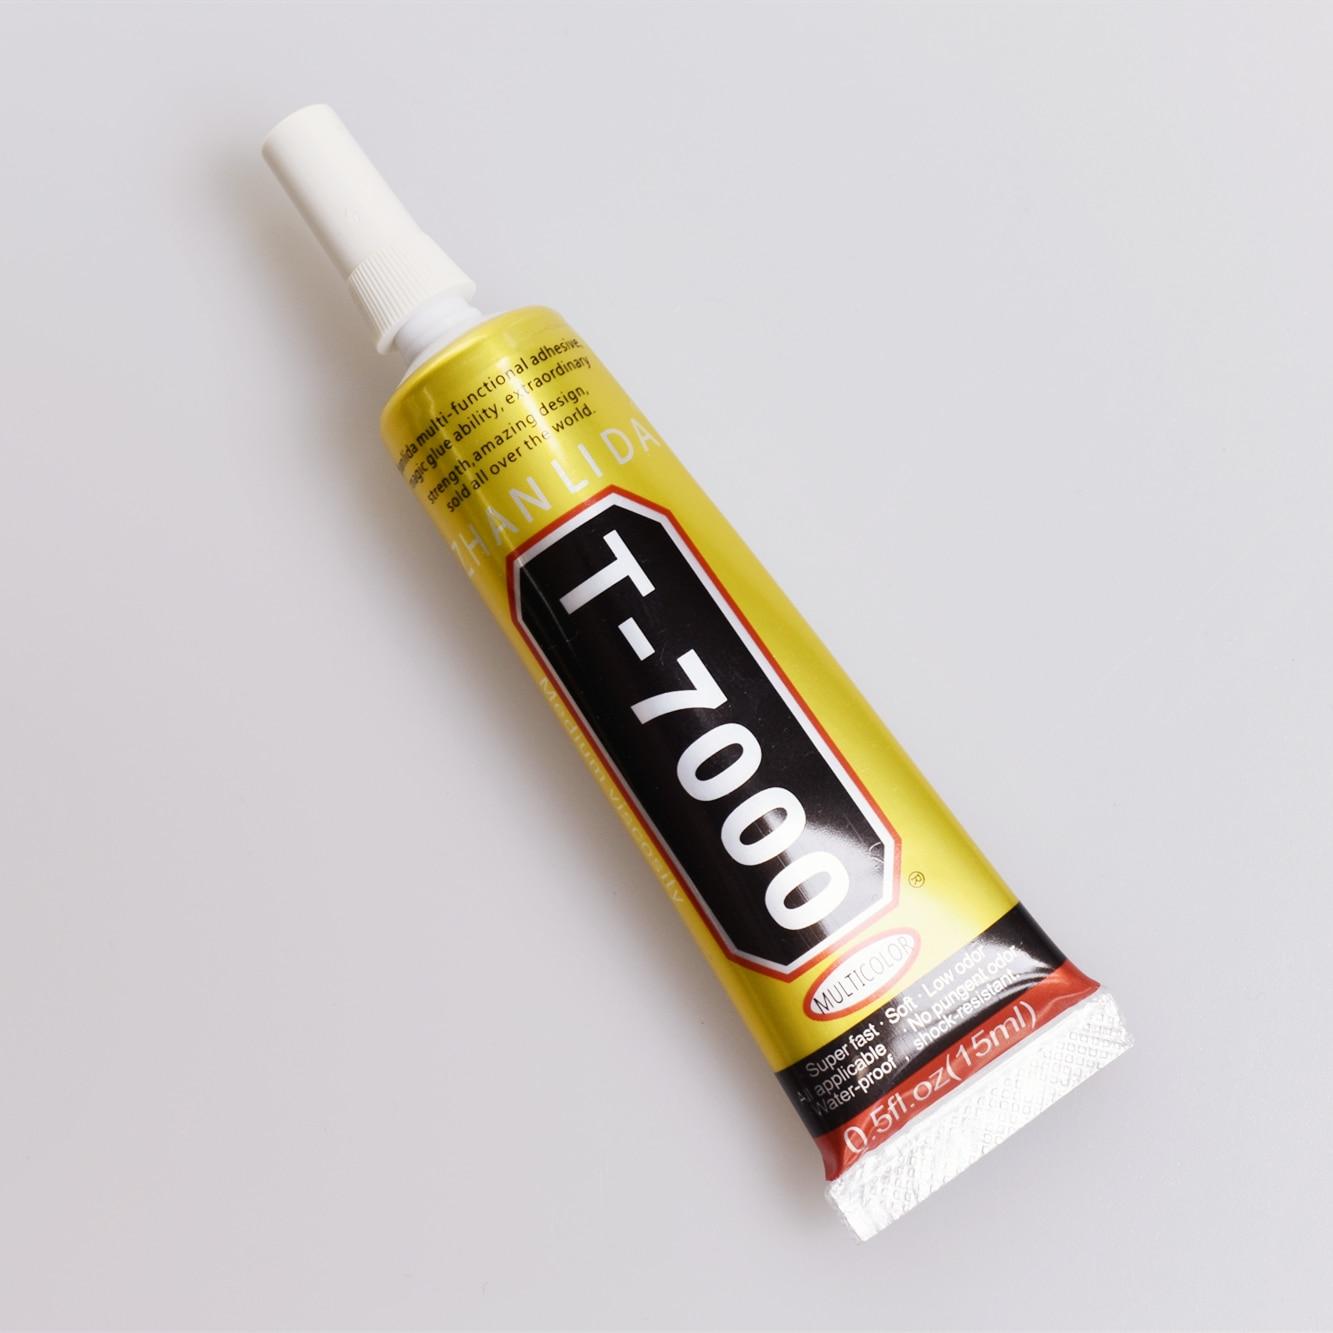 1 Uds. Pegamento T-7000 de 15ml T7000 pegamento multiusos resina epoxi adhesivo reparación teléfono celular pantalla táctil LCD Super pegamento T 7000